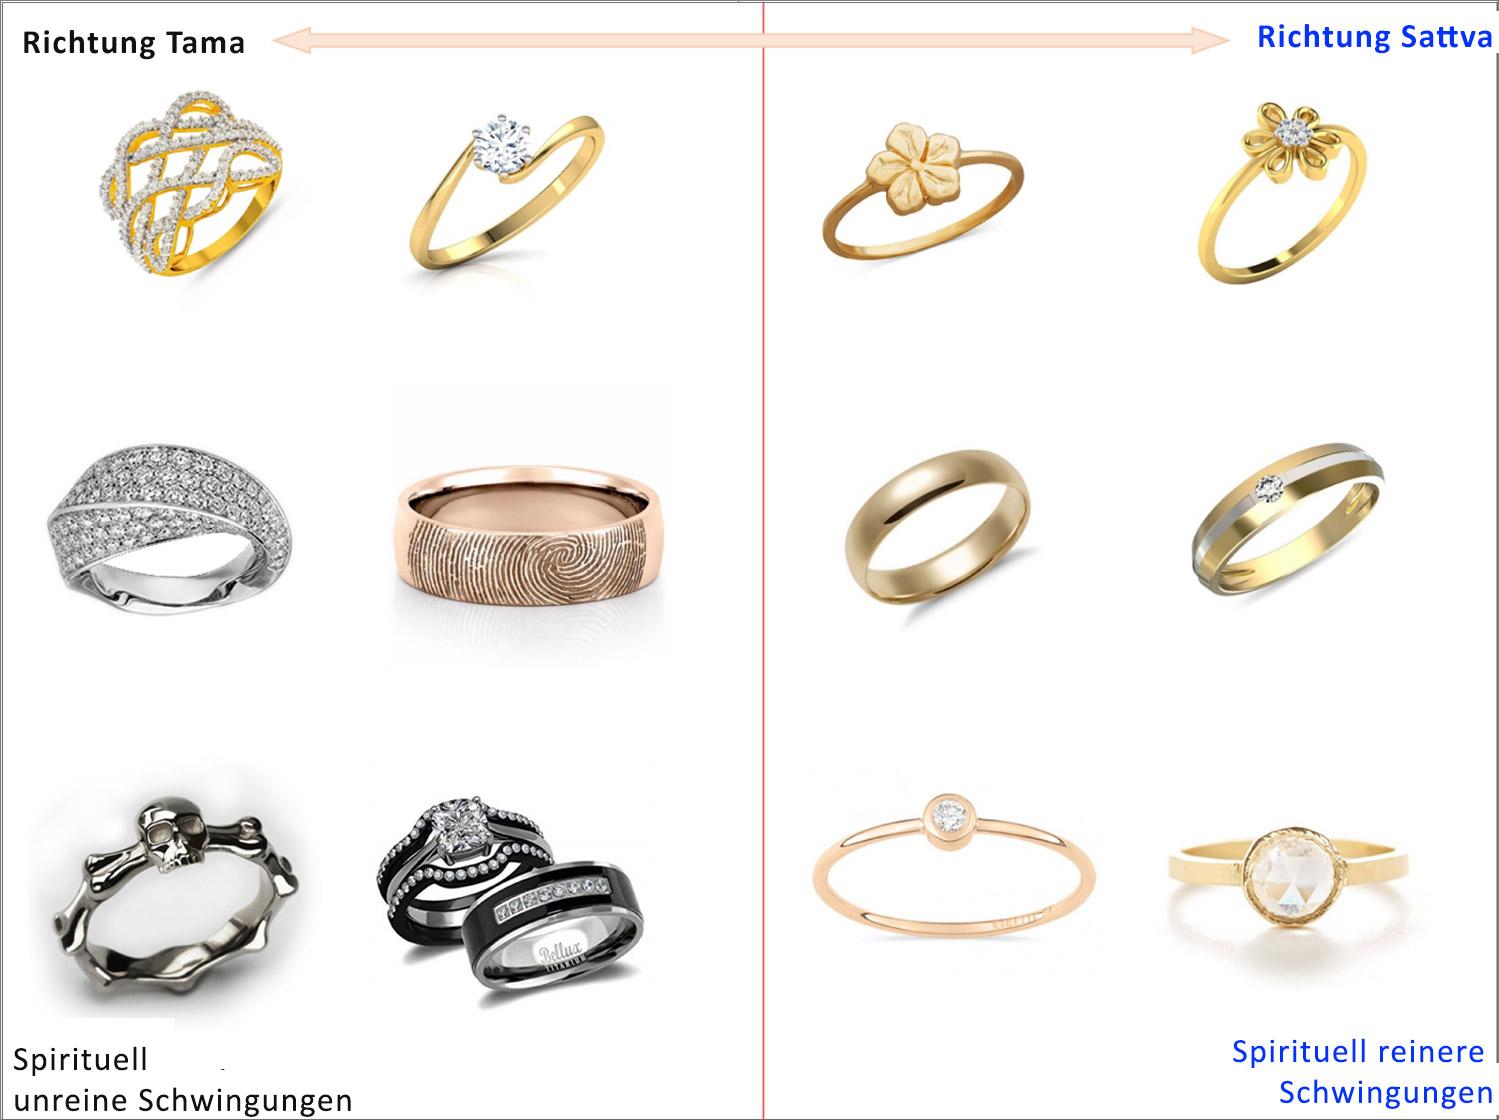 GER-Slides-3-images-3